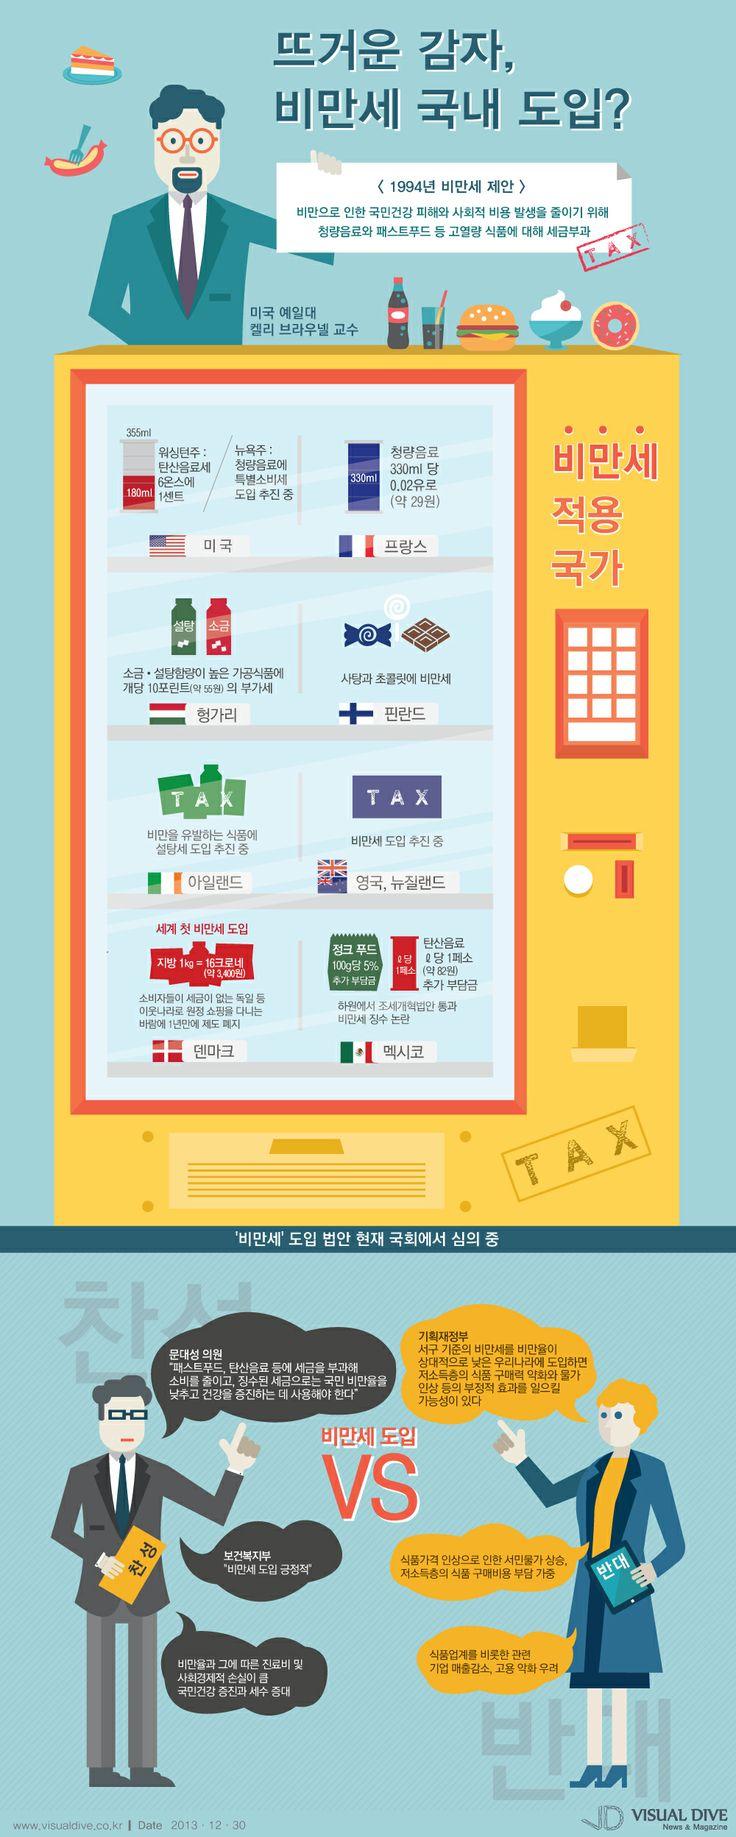 [인포그래픽] 뜨거운 감자, 살찌게 만든 죄 비만세 도입? #fat / #Infographic ⓒ 비주얼다이브 무단 복사·전재·재배포 금지